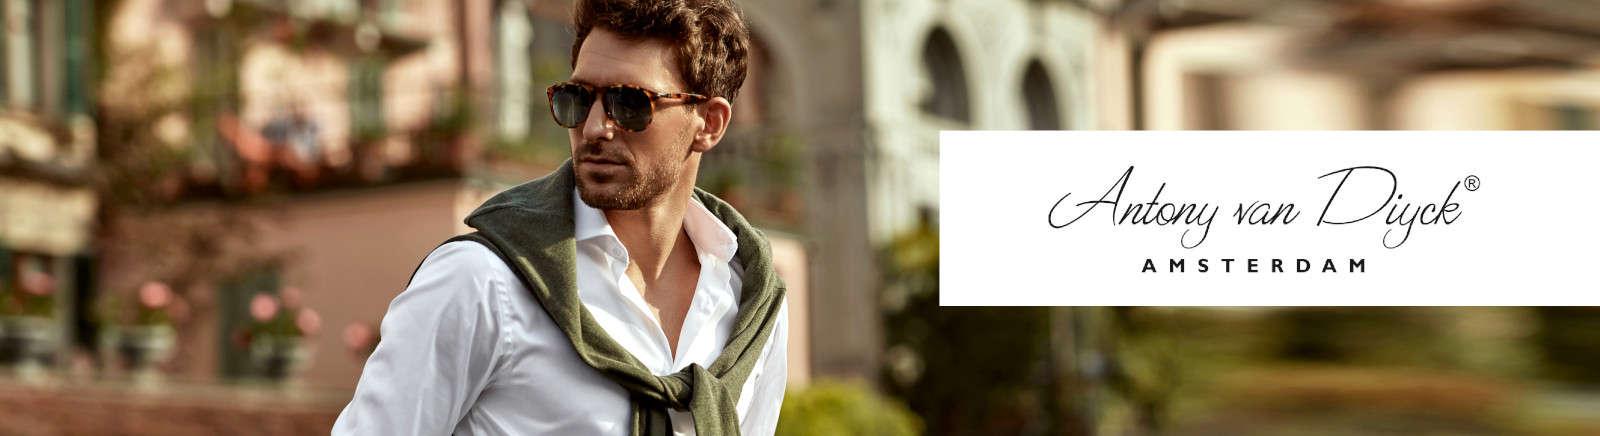 Antony van Diyck Schnürschuhe extraweit für Herren im Online-Shop von GISY kaufen